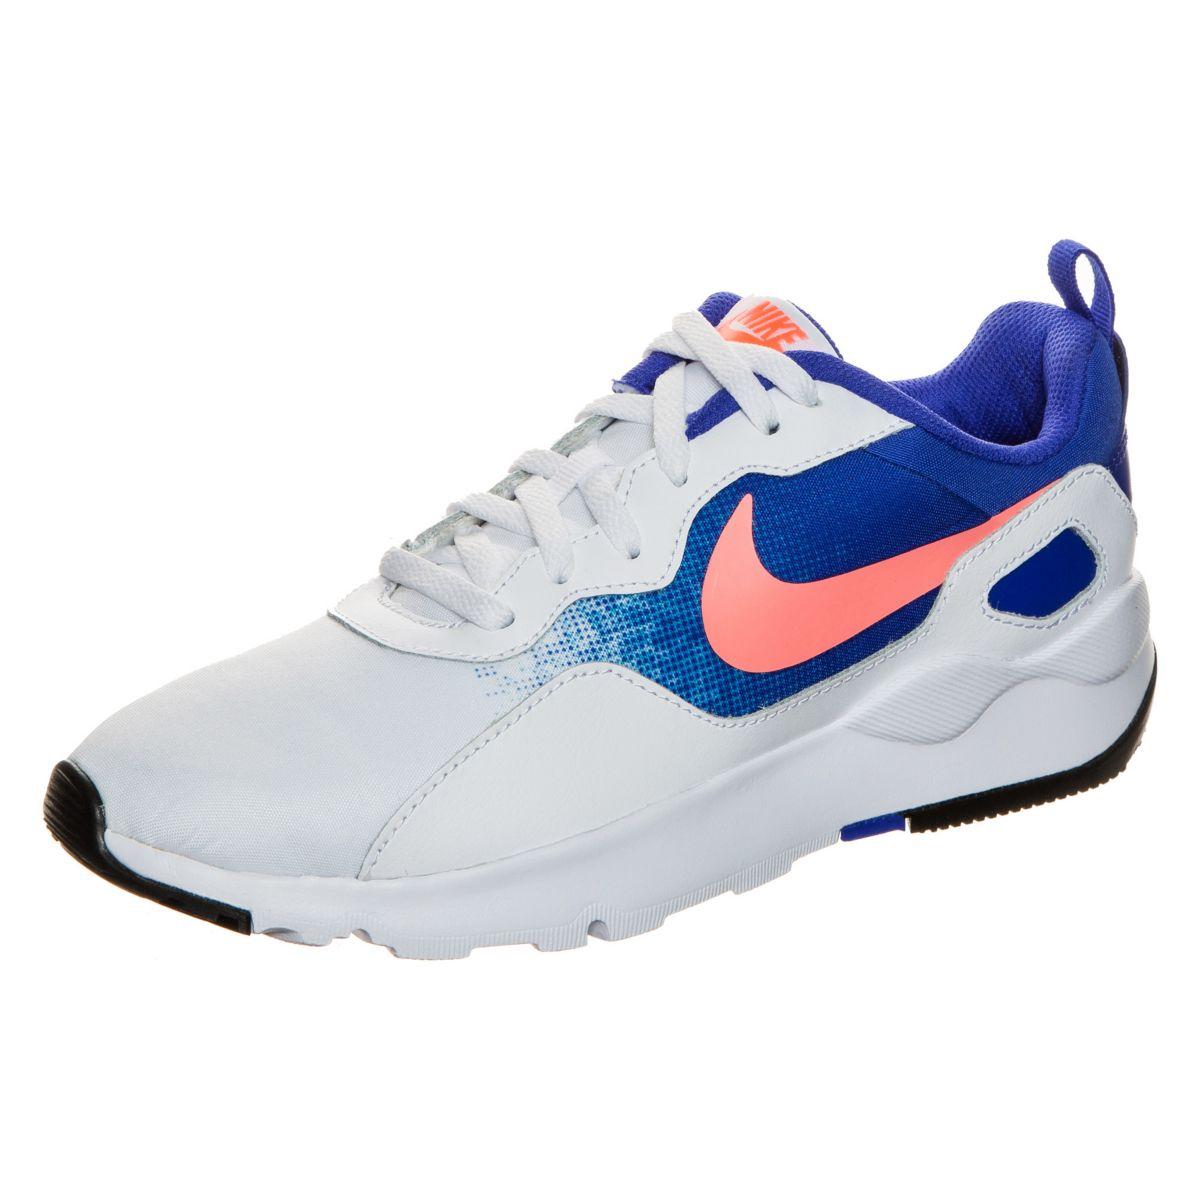 half off 123c0 e01f2 Nike Sportswear LD Runner Sneaker Damen